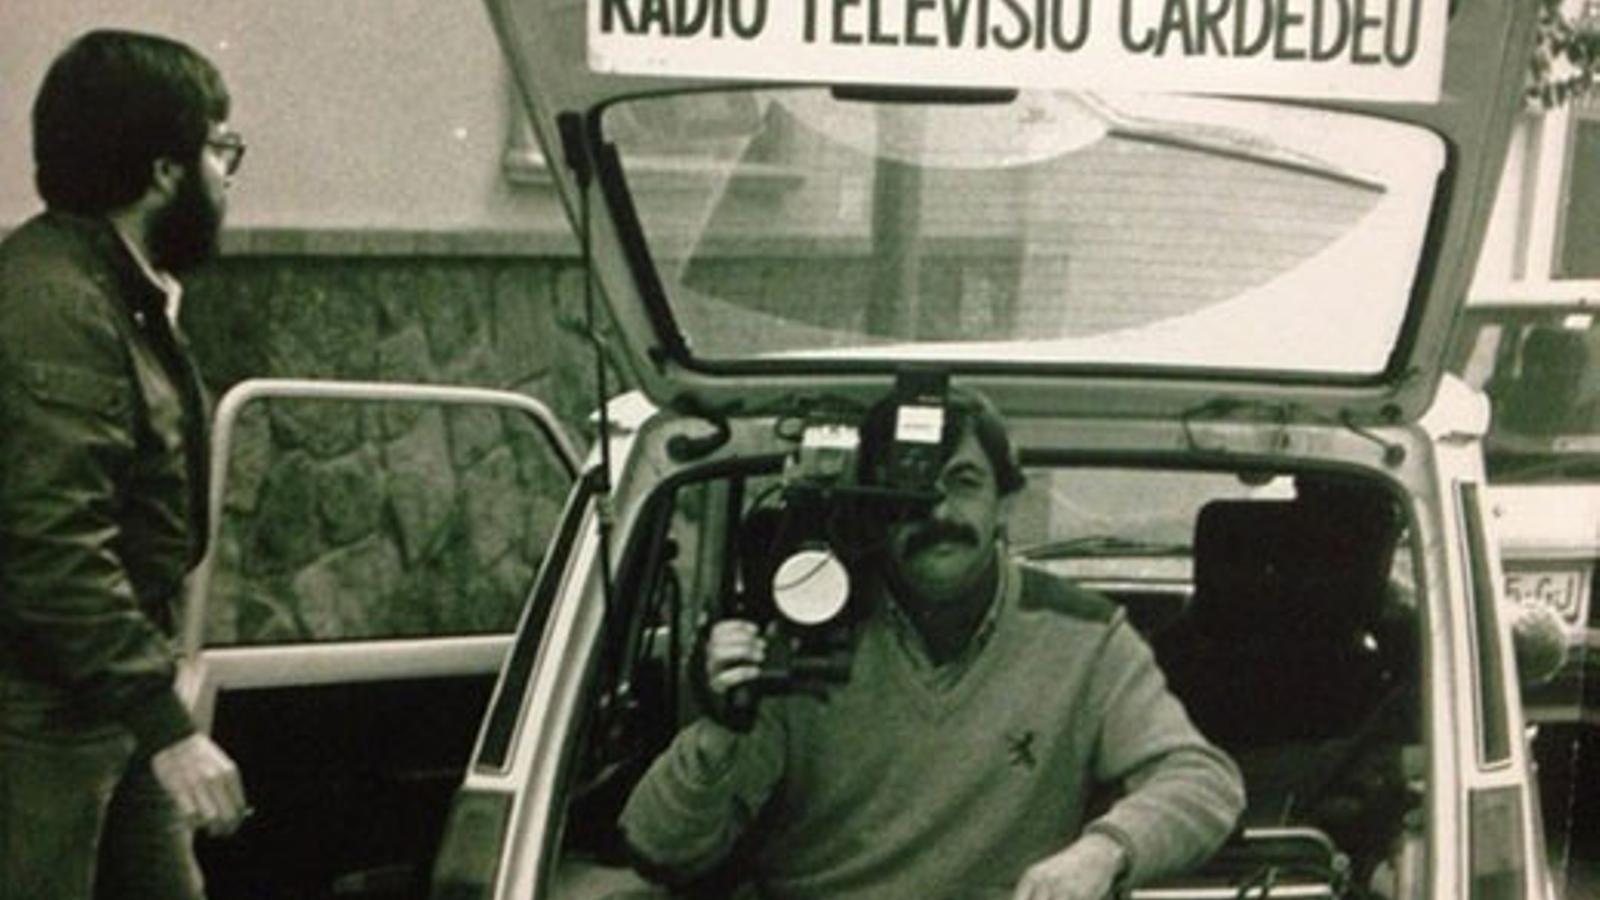 Televisió de Cardedeu, degana dels canals locals, compleix 40 anys